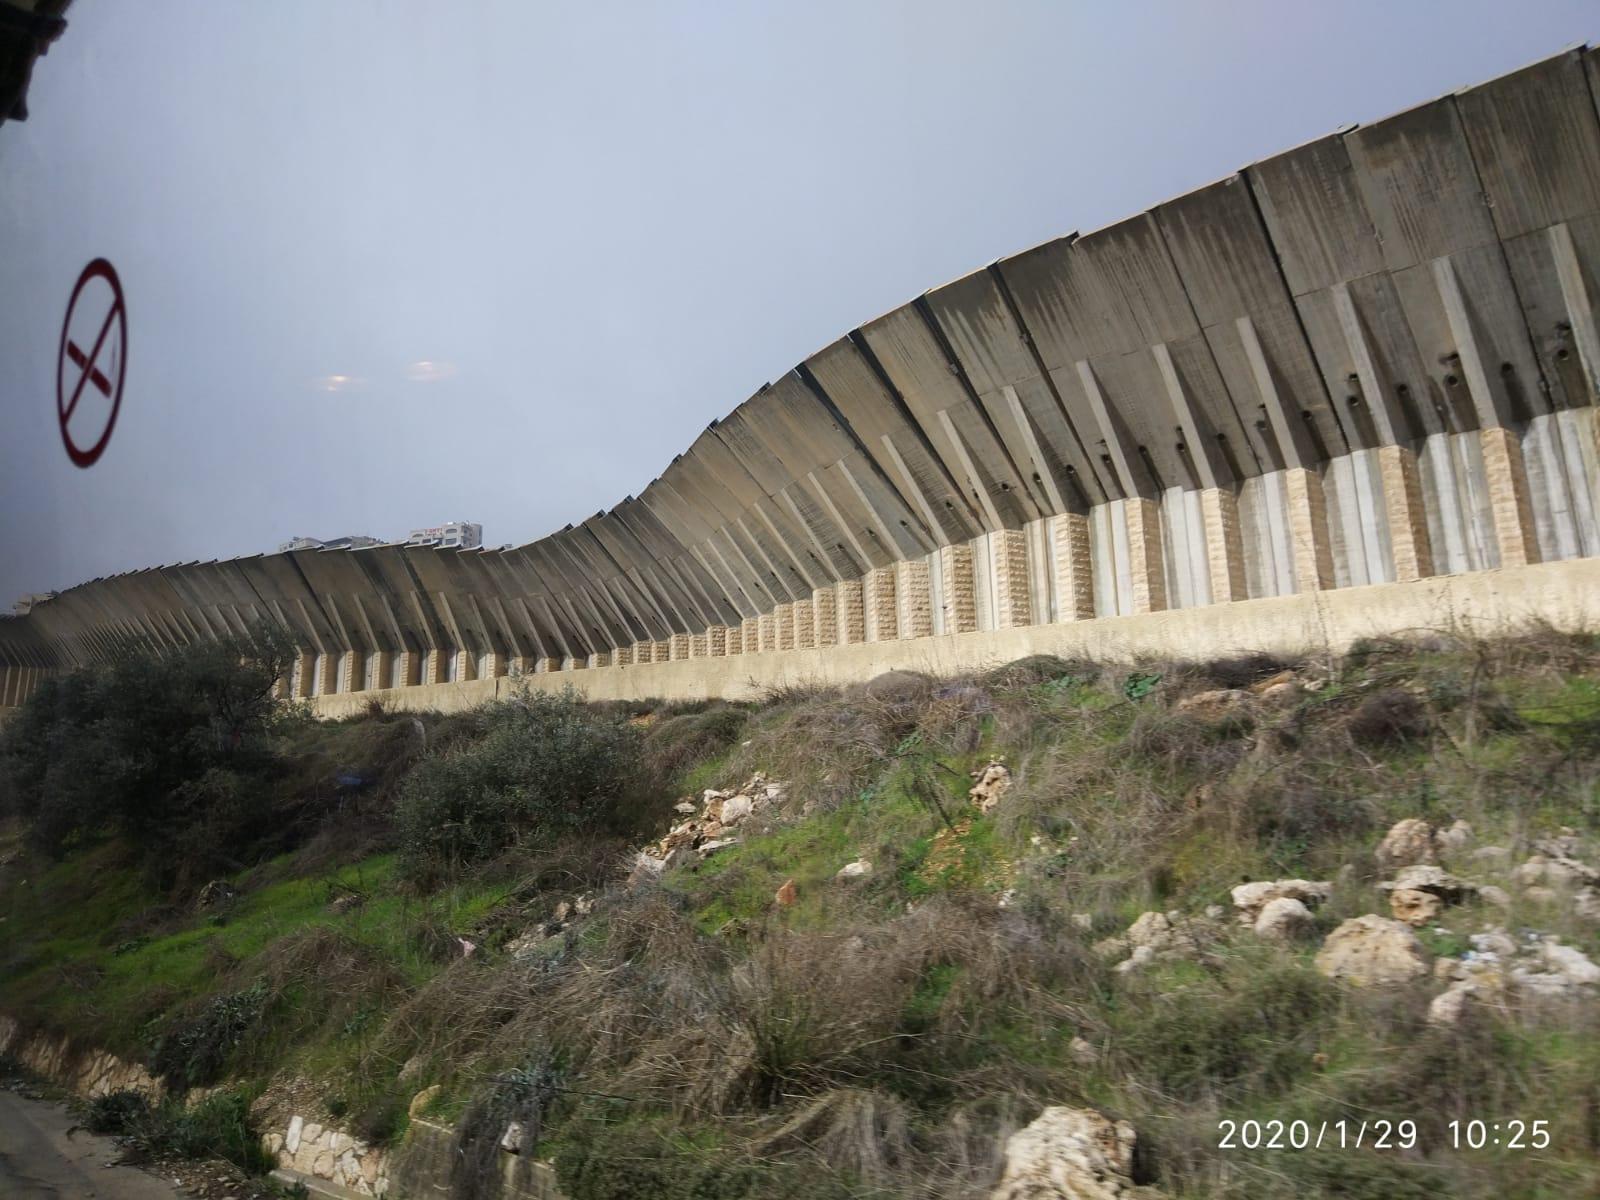 Kudüs'ün etrafında giriş-çıkışları kontrol altında tutmak için İsrail'in yer yer inşa ettiği duvar